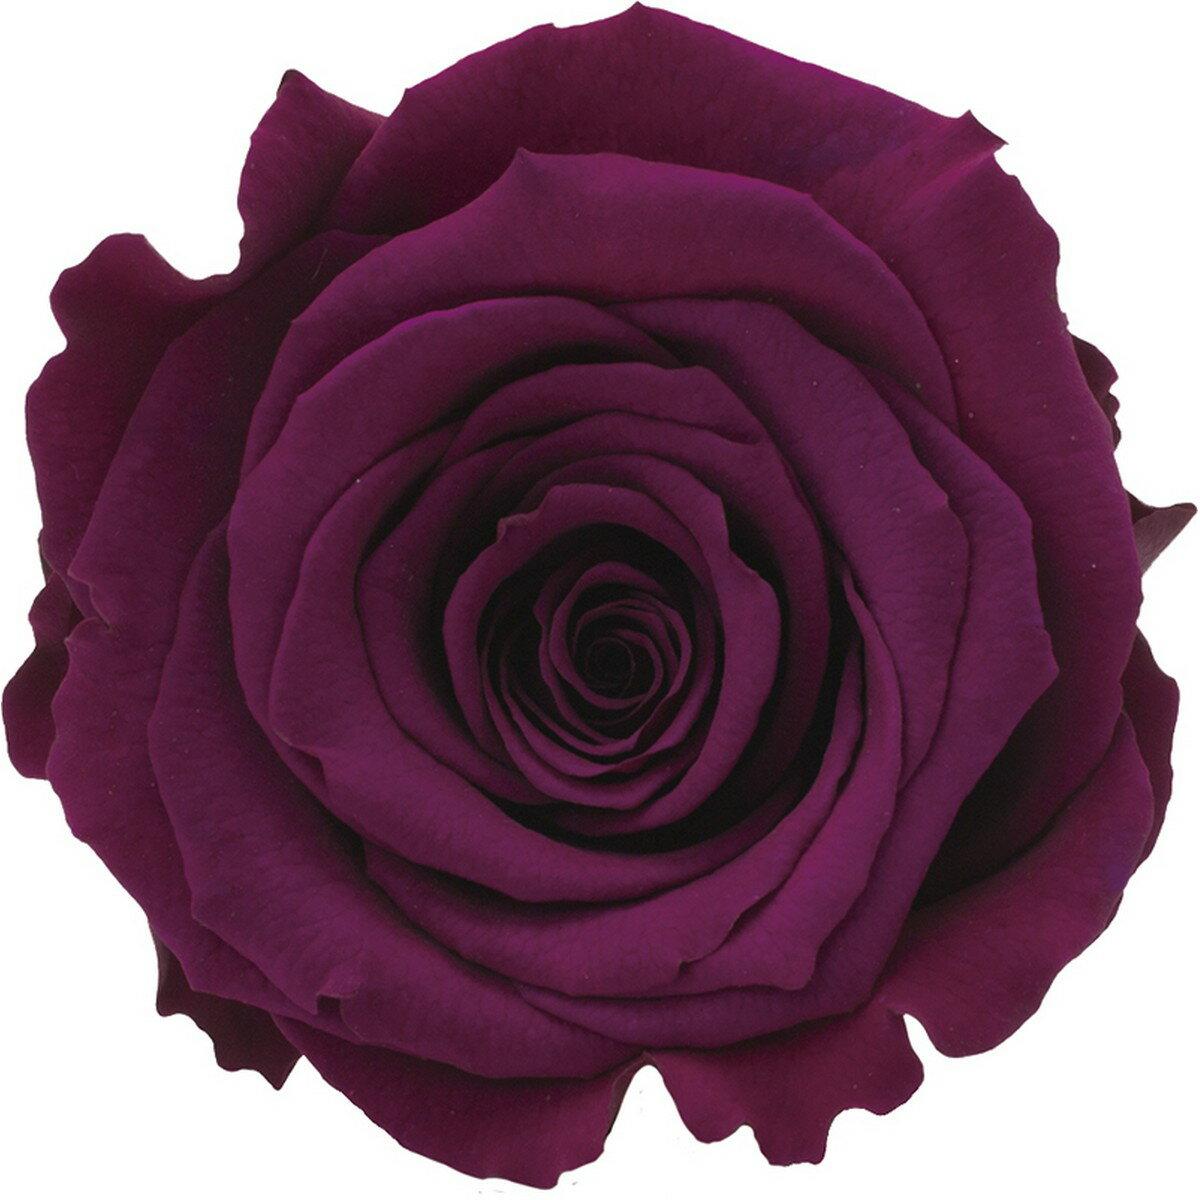 【プリザーブド】アモローサ/ルーナ 6輪 リッチプラム/1115-52【01】【01】【取寄】《 プリザーブドフラワー プリザーブドフラワー花材 バラ(ローズ) 》